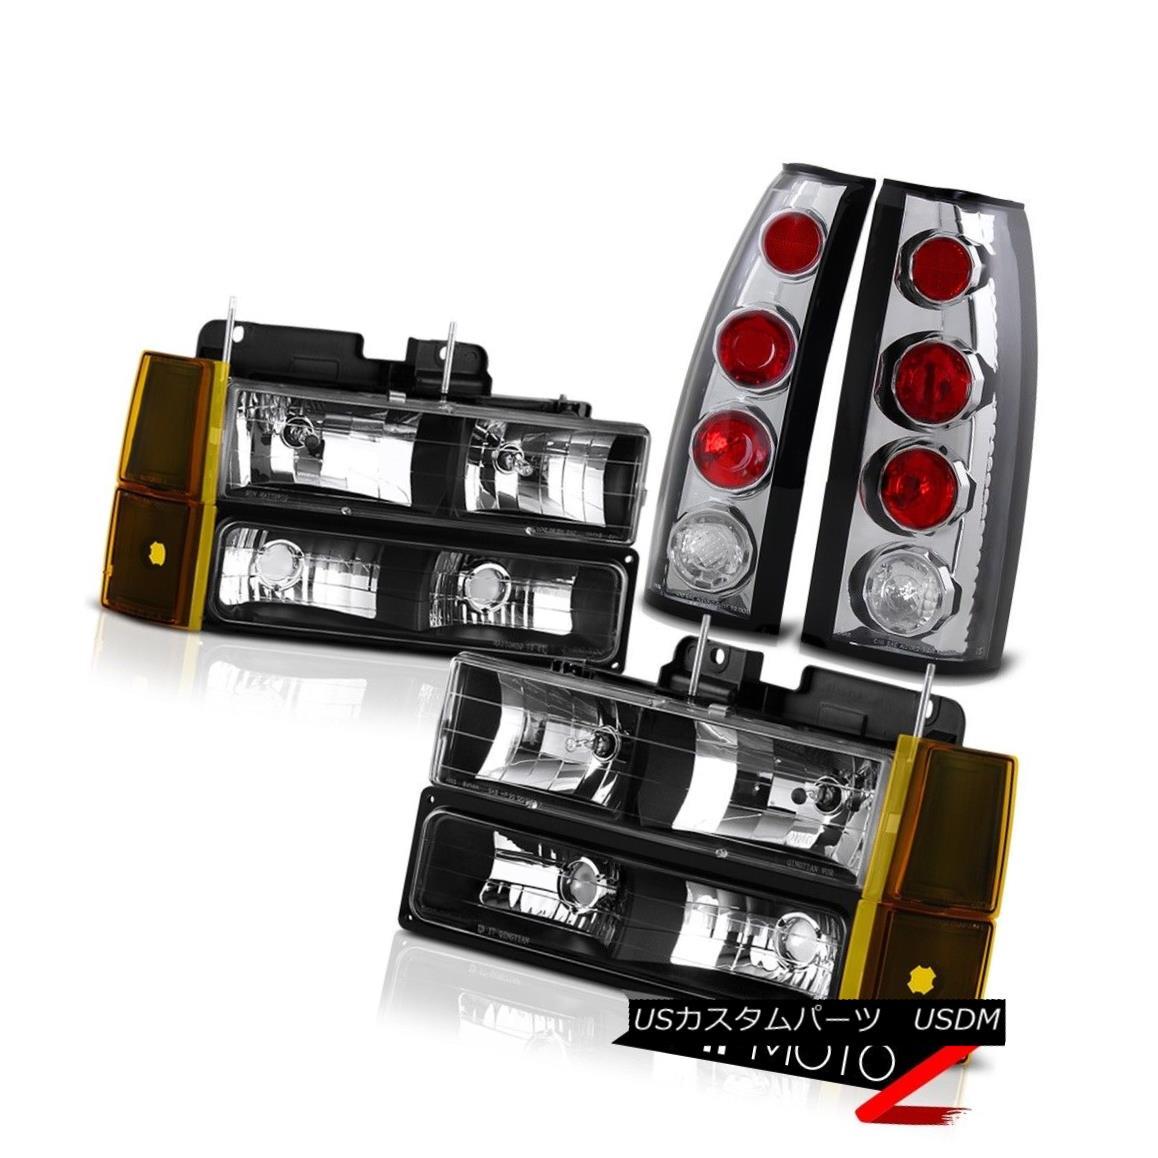 テールライト 94-98 Taillamps Sierra 1500 Style Chrome Taillamps Headlamps Bumper 94-98 Euro Factory Style Assembly 94-98 Sierra 1500 Chrome Taillampsヘッドランプバンパーユーロ工場スタイルアセンブリ, KVK AQUA SHOP:bf402d50 --- officewill.xsrv.jp